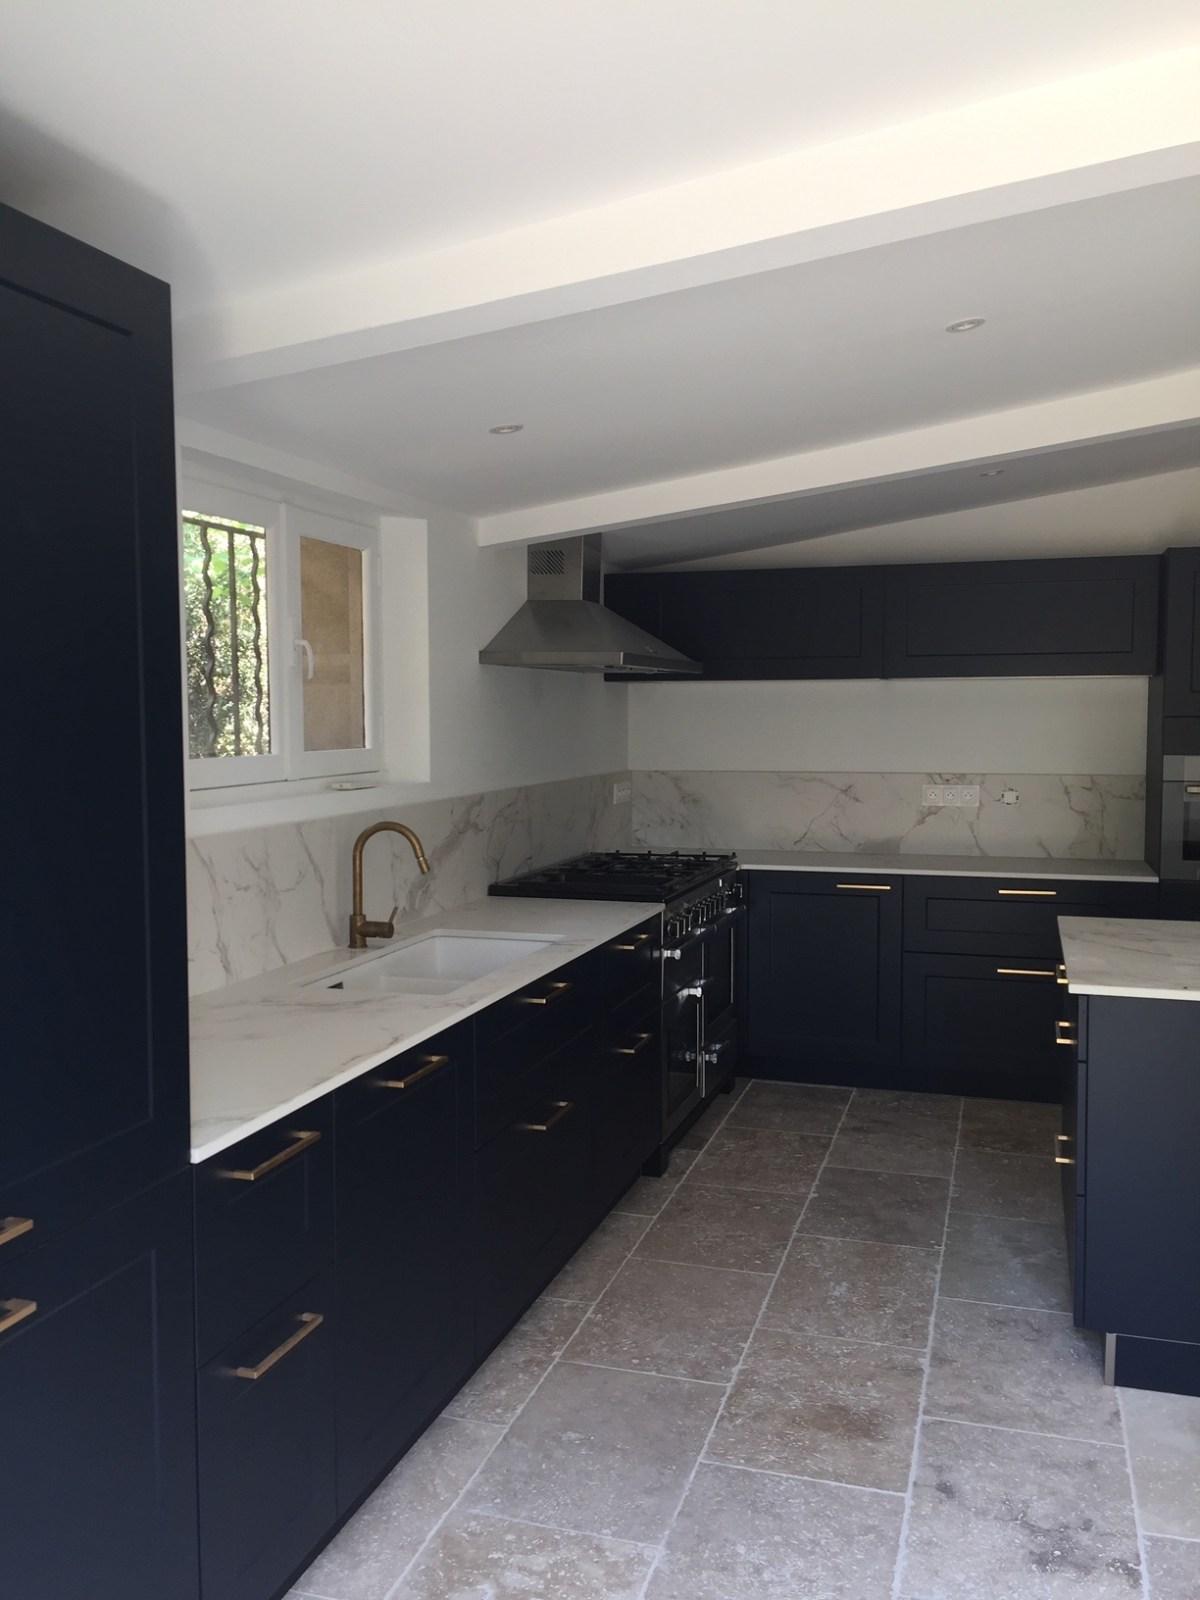 renovation maison conception cuisine - emilie darneau lombardo - architecte interieur - 6